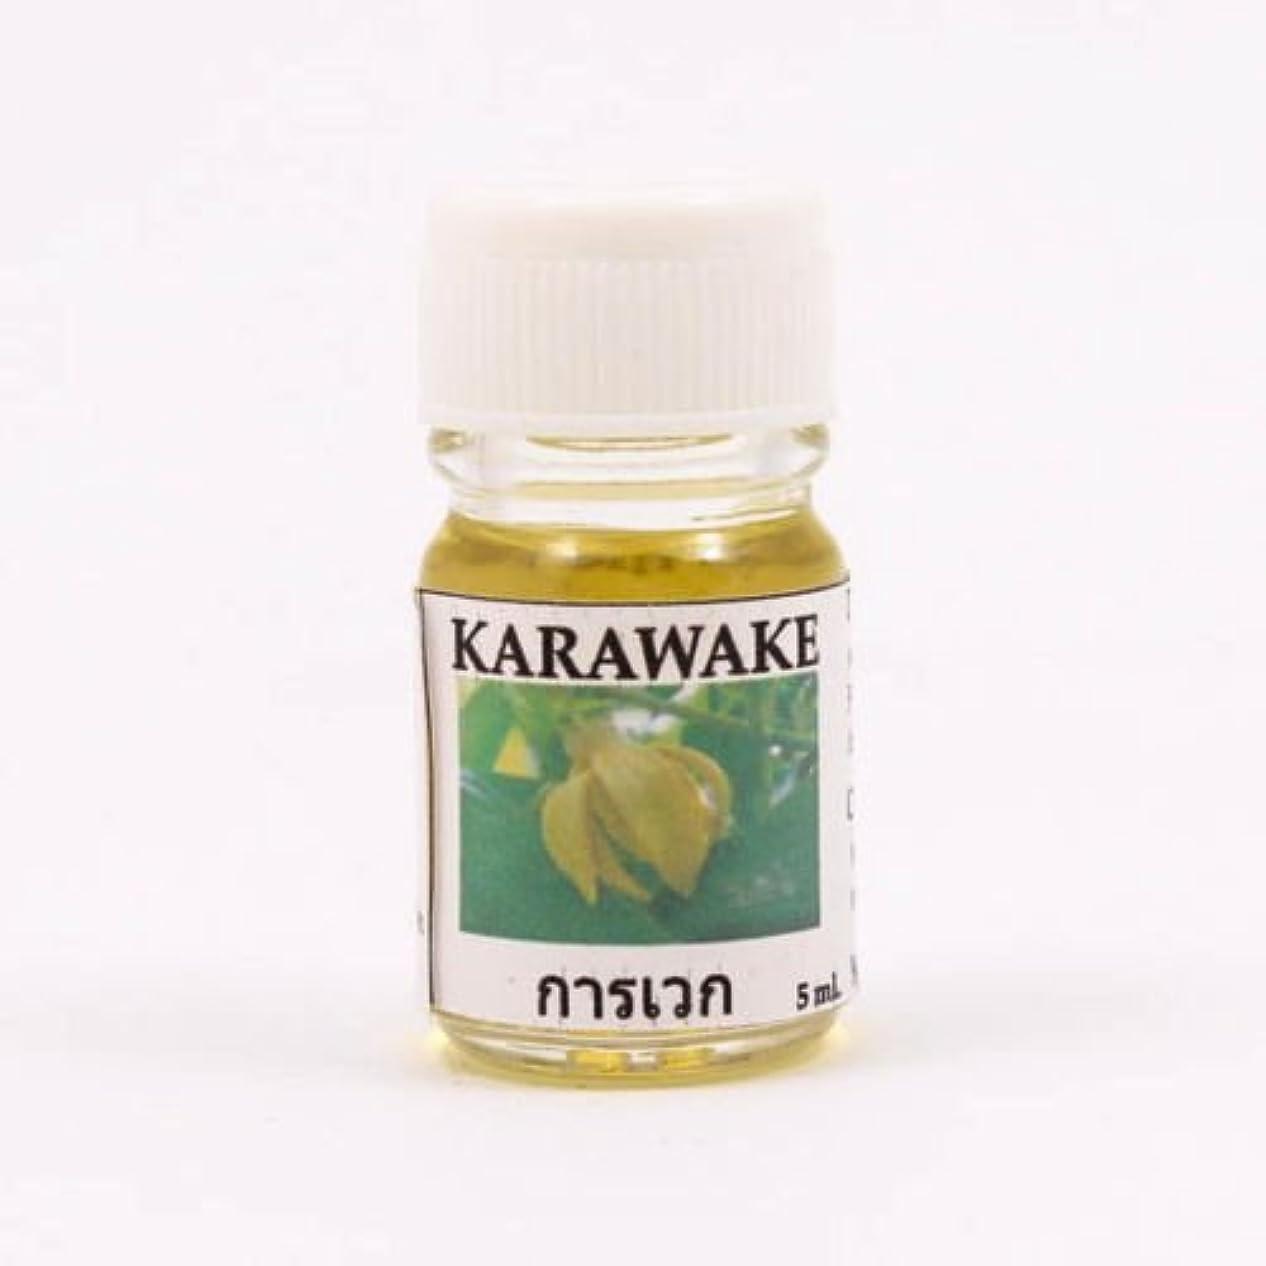 エキゾチックブラウザパン屋6X Karawake Aroma Fragrance Essential Oil 5ML. cc Diffuser Burner Therapy